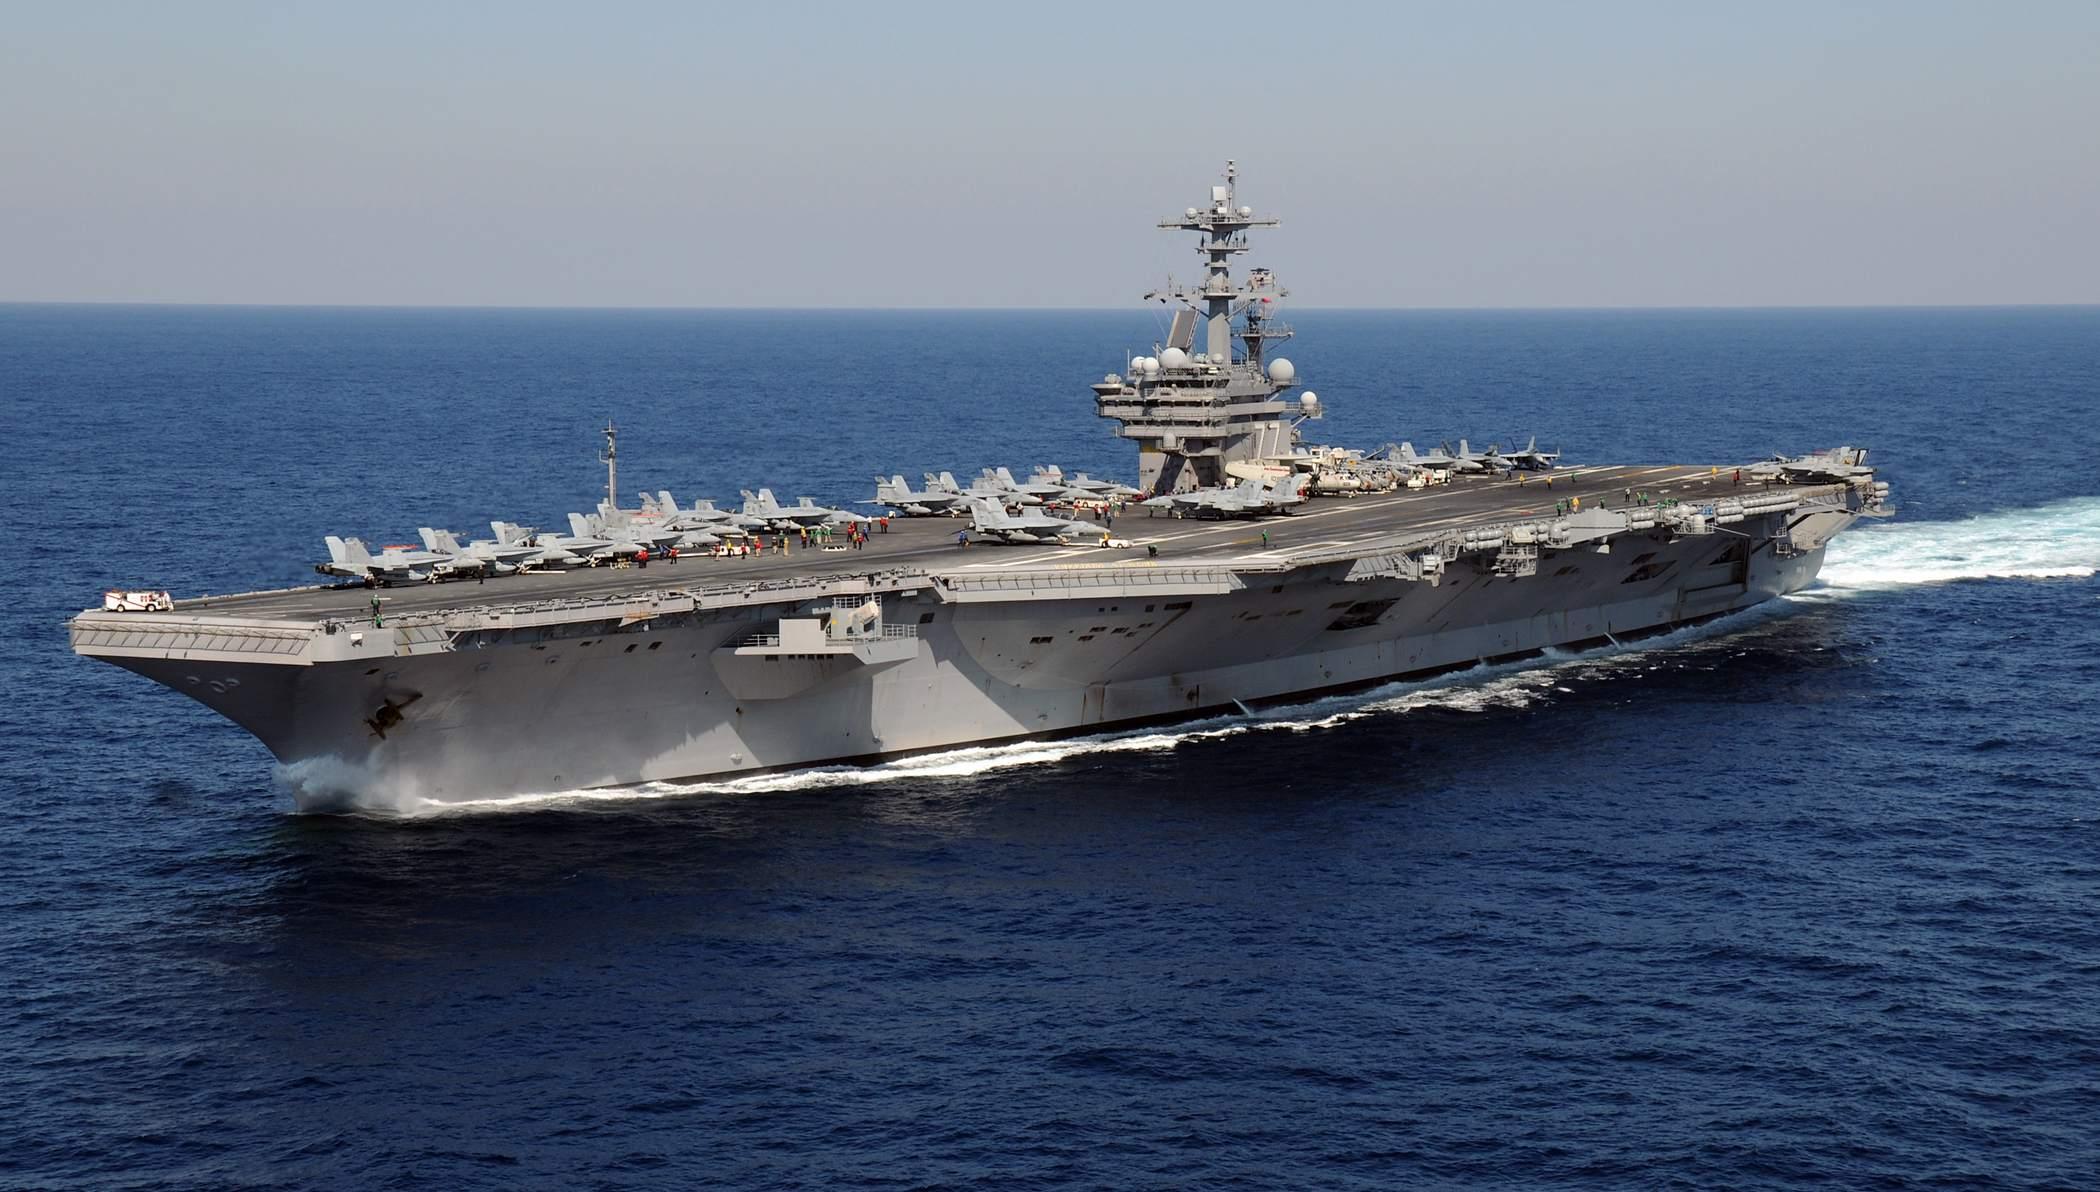 US-Flugzeugträger Beispielfoto - gibt es Krieg mit dem Iran?